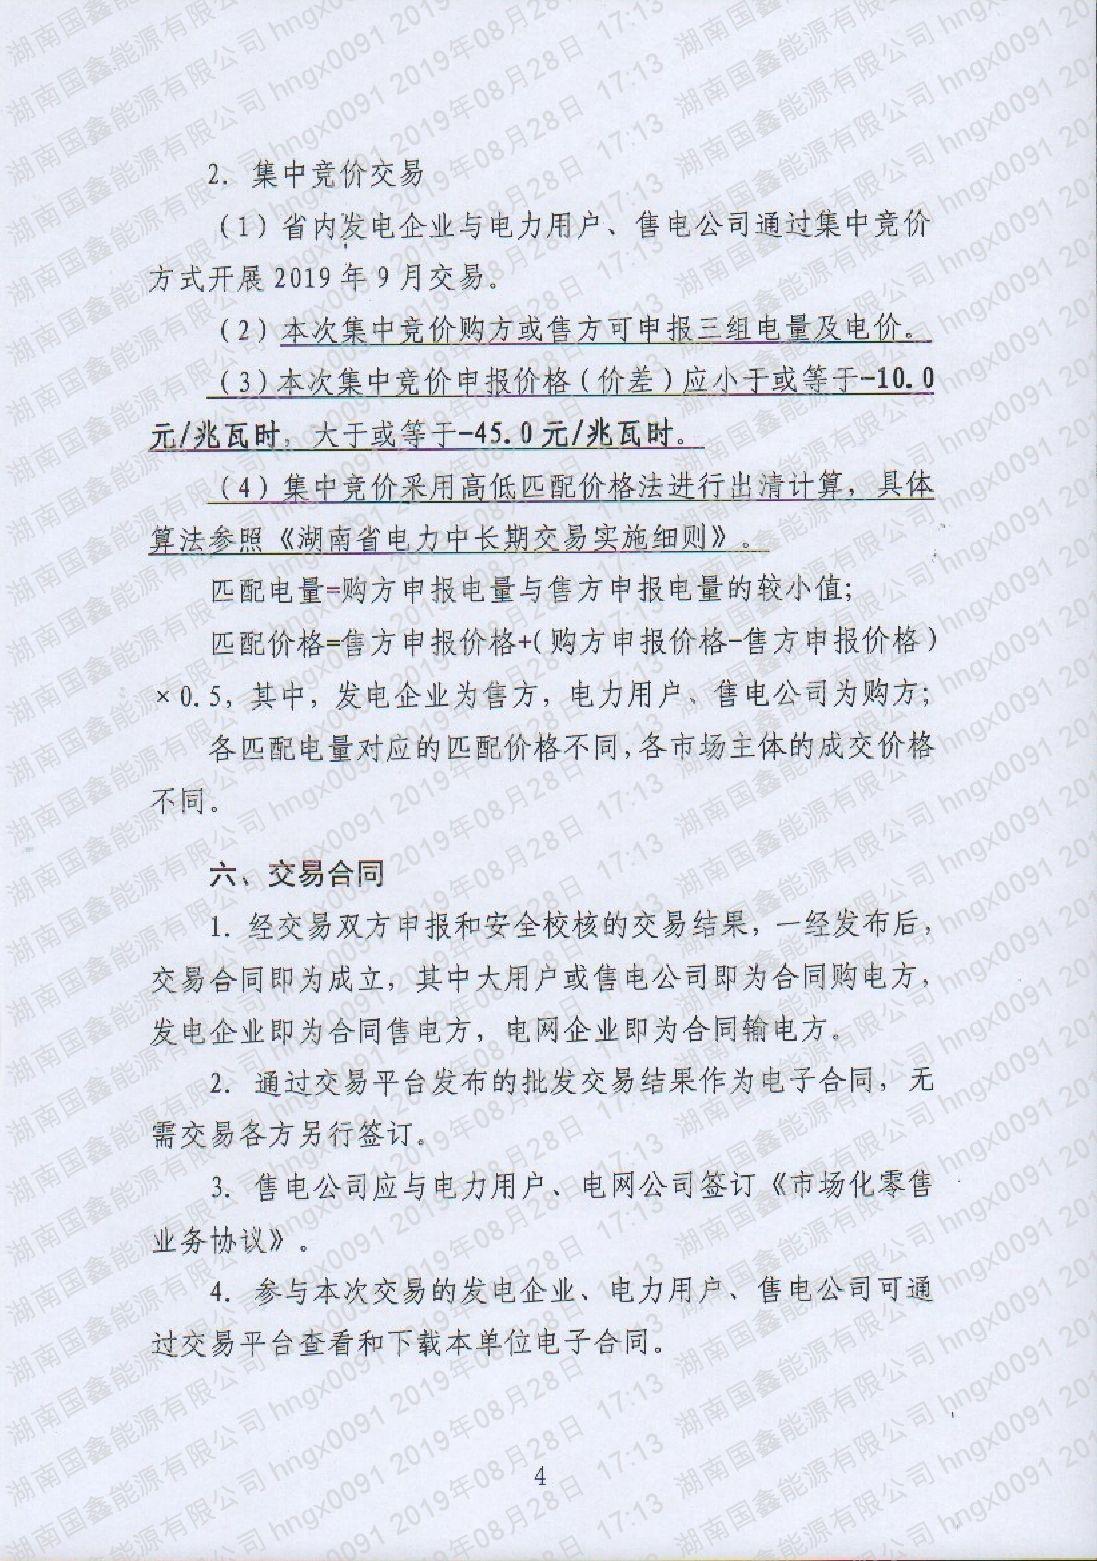 2019年第20號交易公告(9月月度交易).pdf_page_4_compressed.jpg